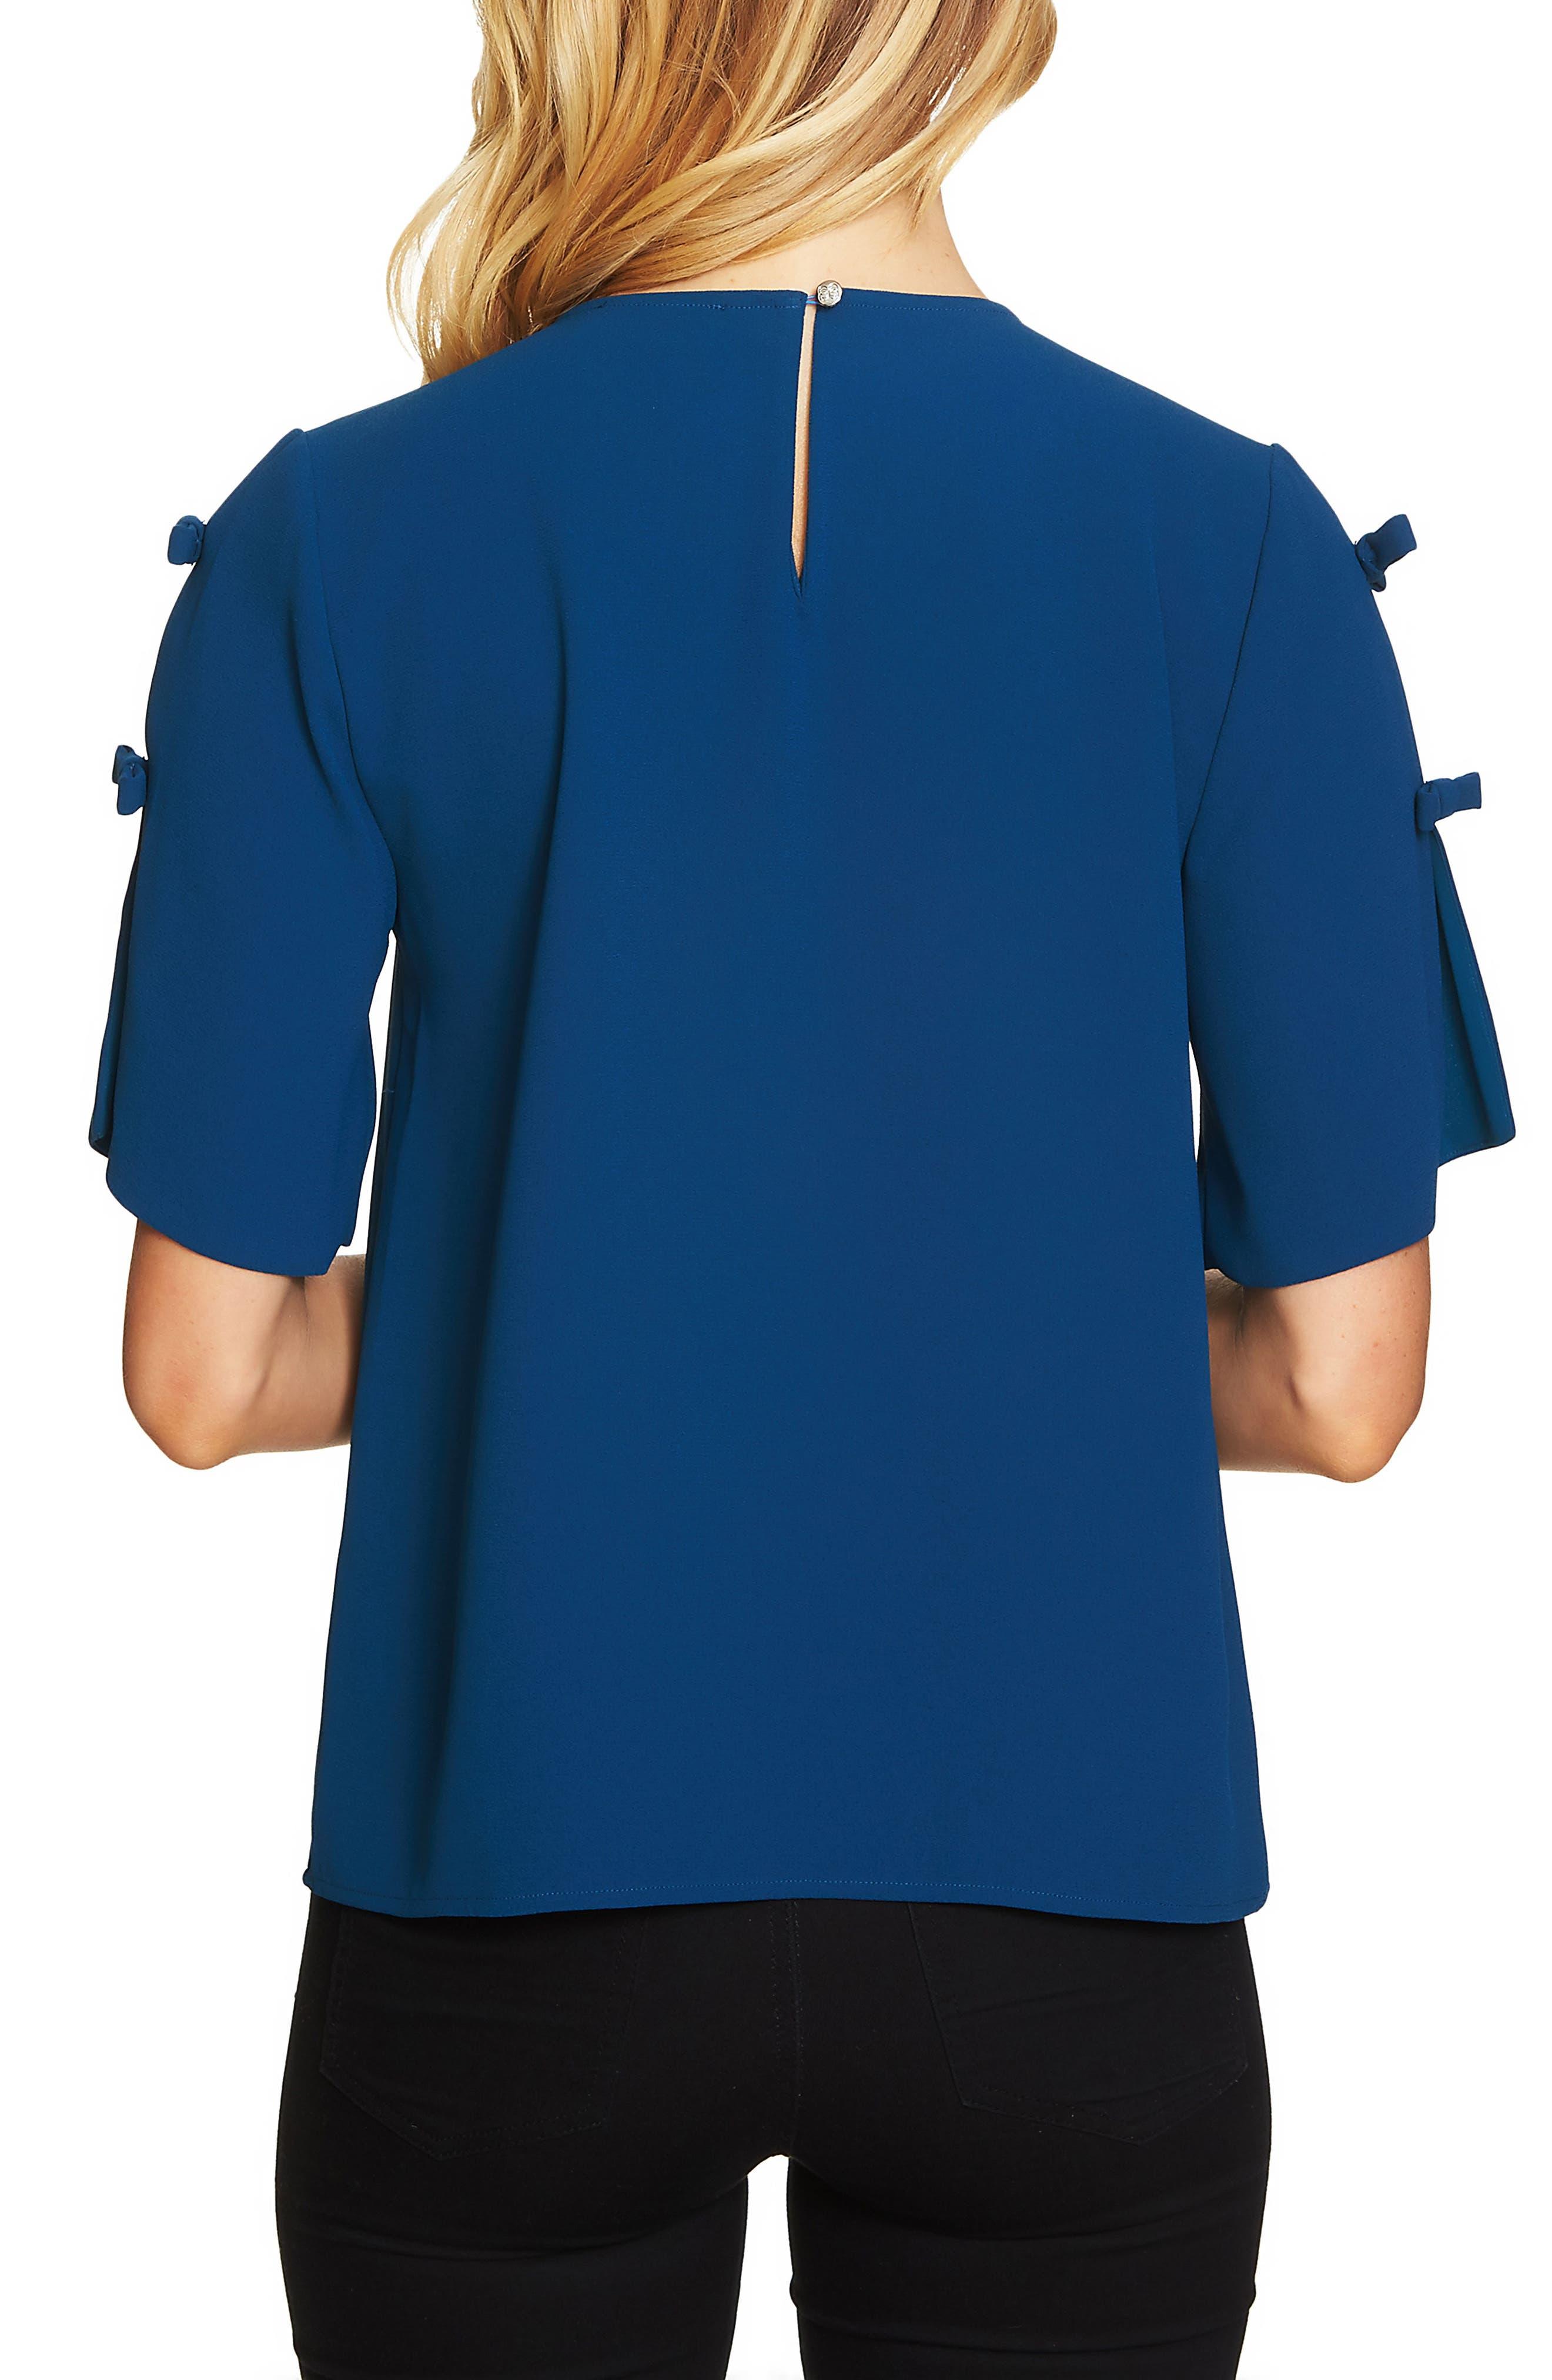 Moss Split Sleeve Blouse,                             Alternate thumbnail 2, color,                             Port Blue